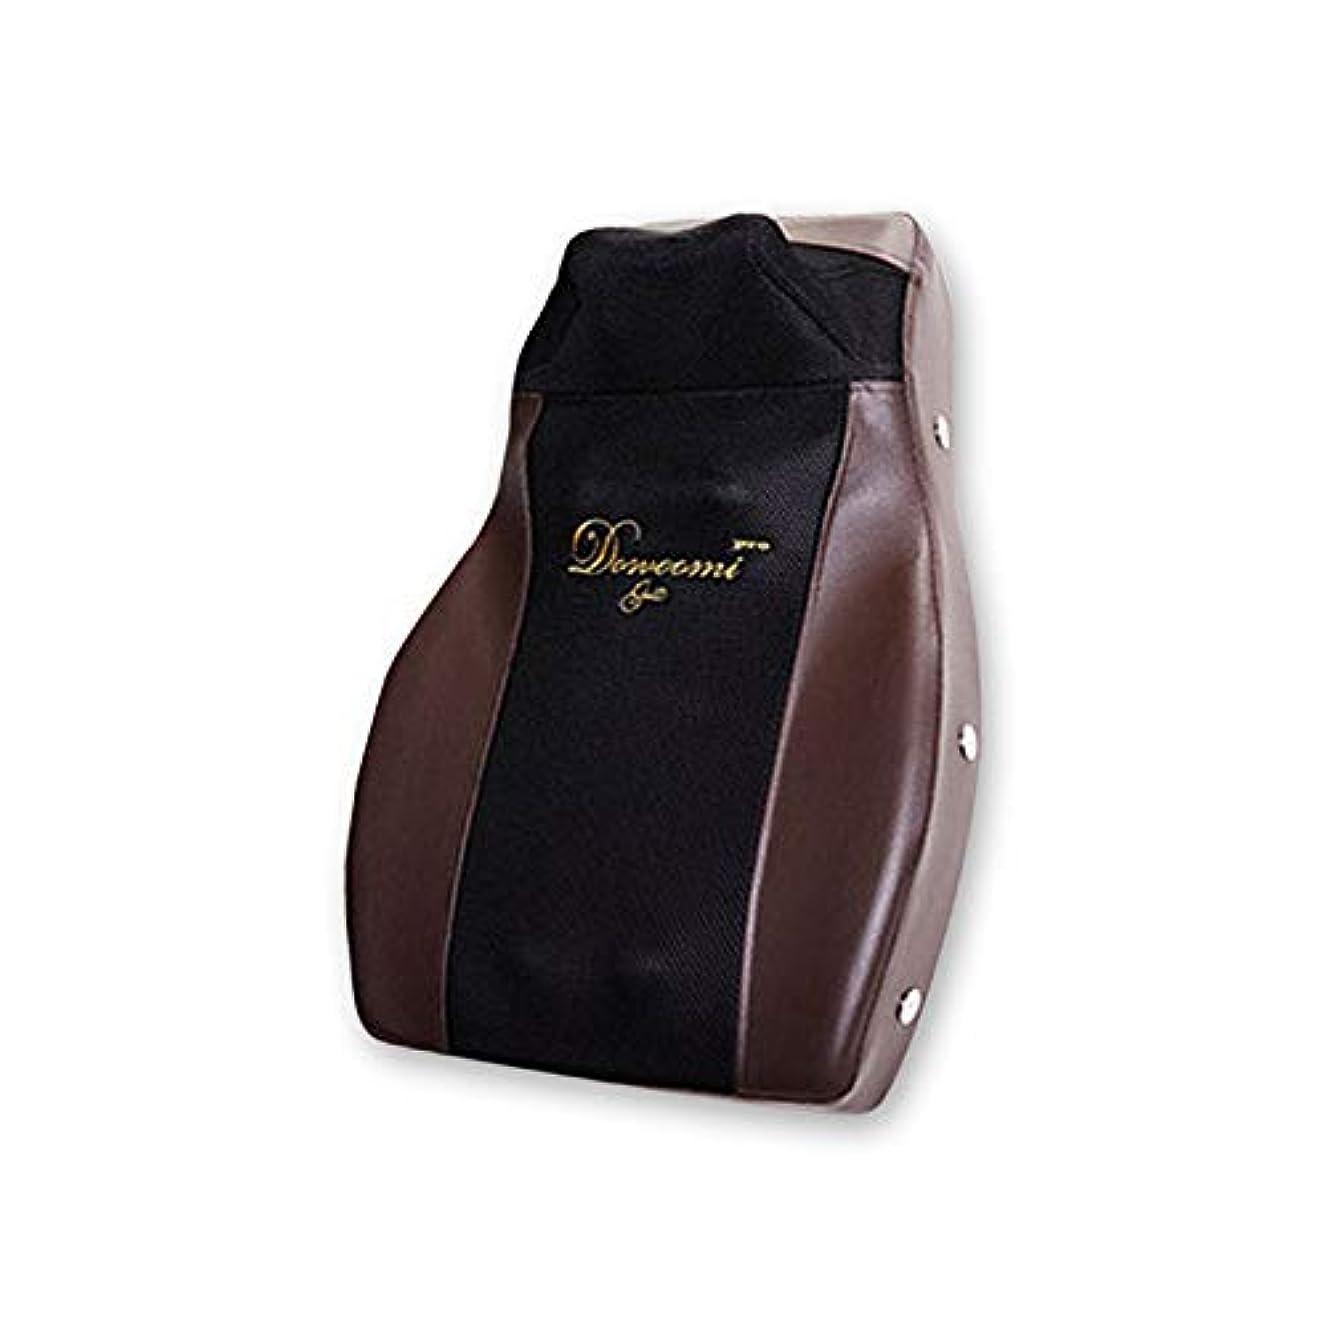 愛光沢のあるセーブWellbeing Dowoomi Massager Gold Pro ドウミ マッサージ クッション ゴールド プロ [並行輸入品]